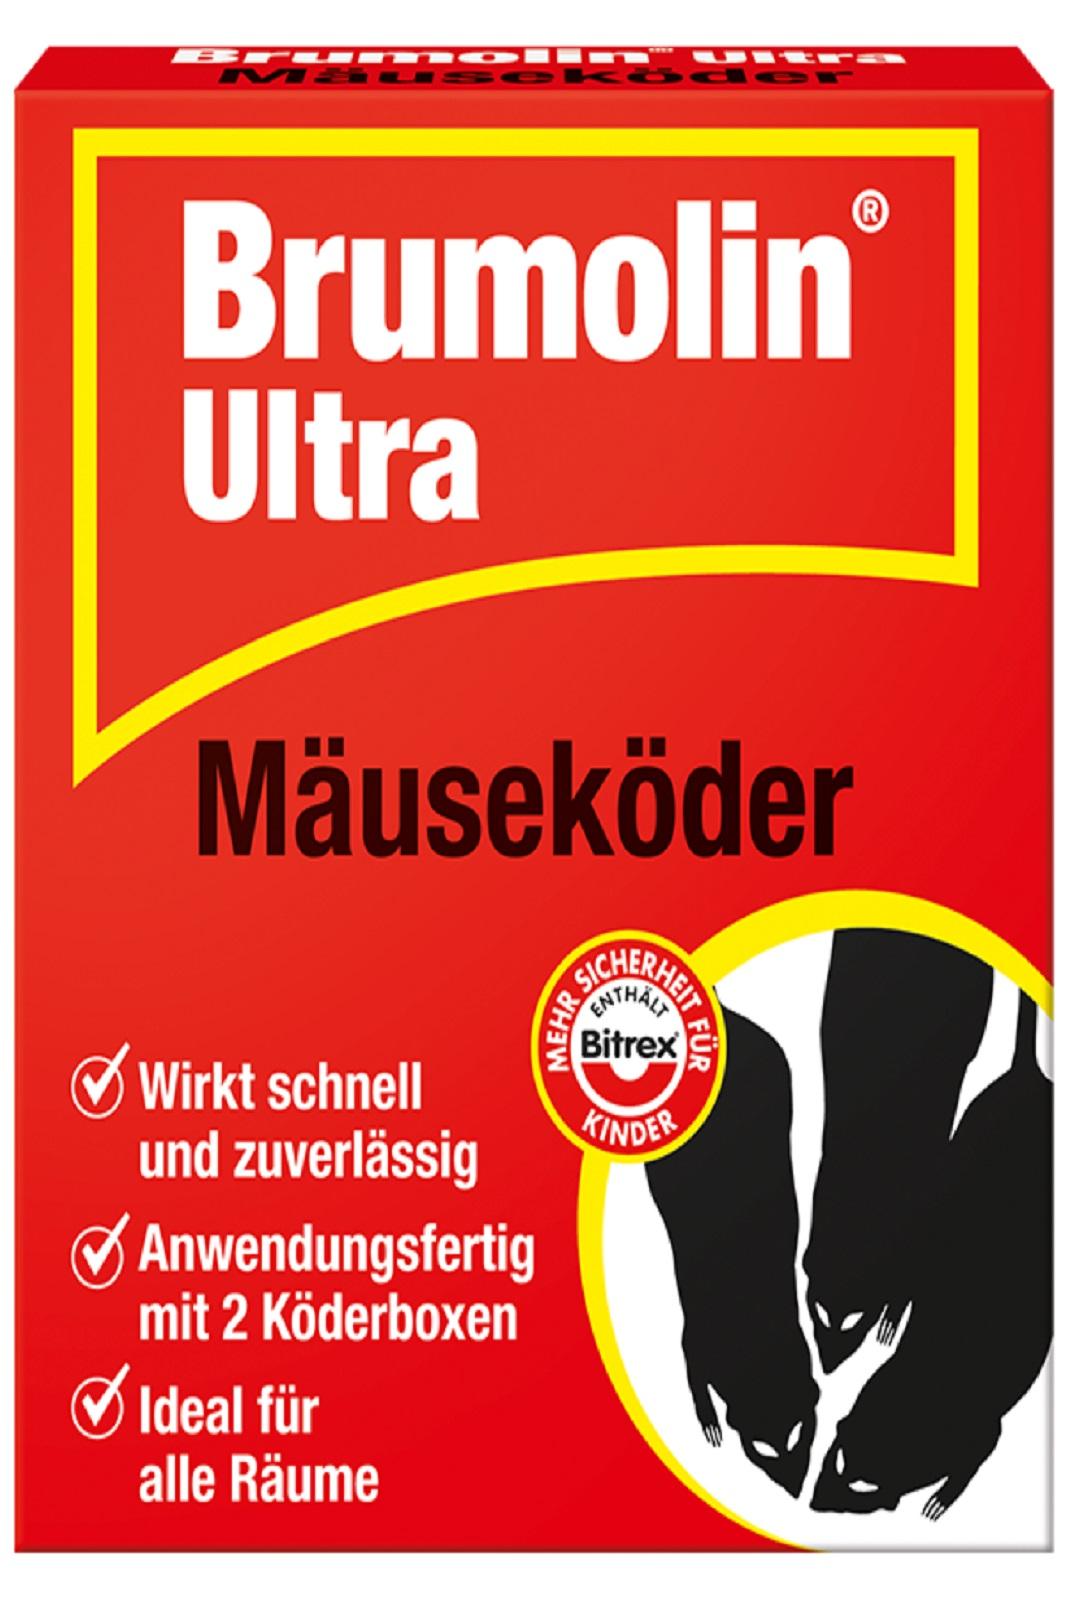 Brumolin Ultra Mäuseköder Bitrex